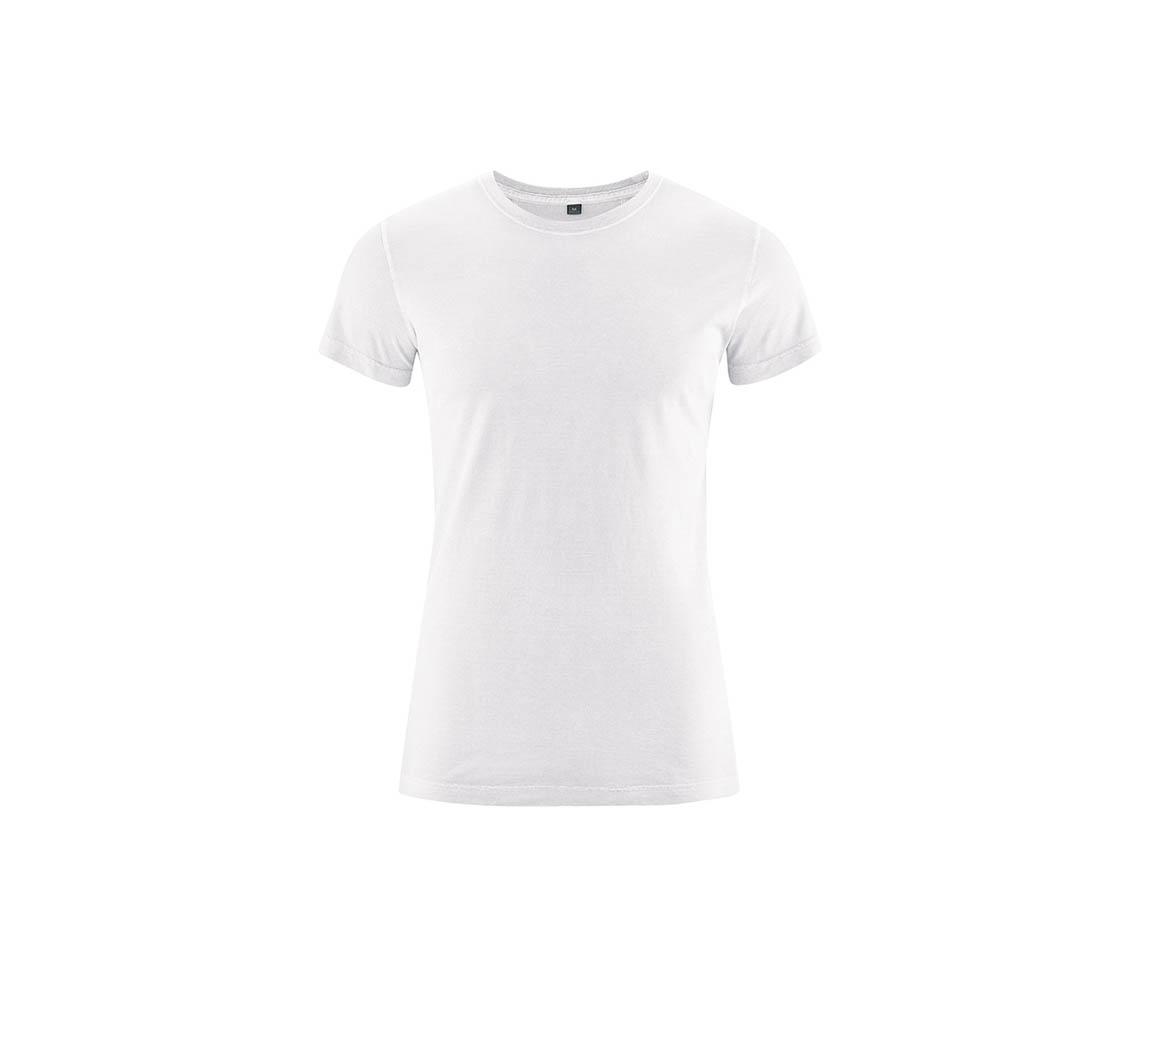 T-shirt homme uni T-shirt brisko